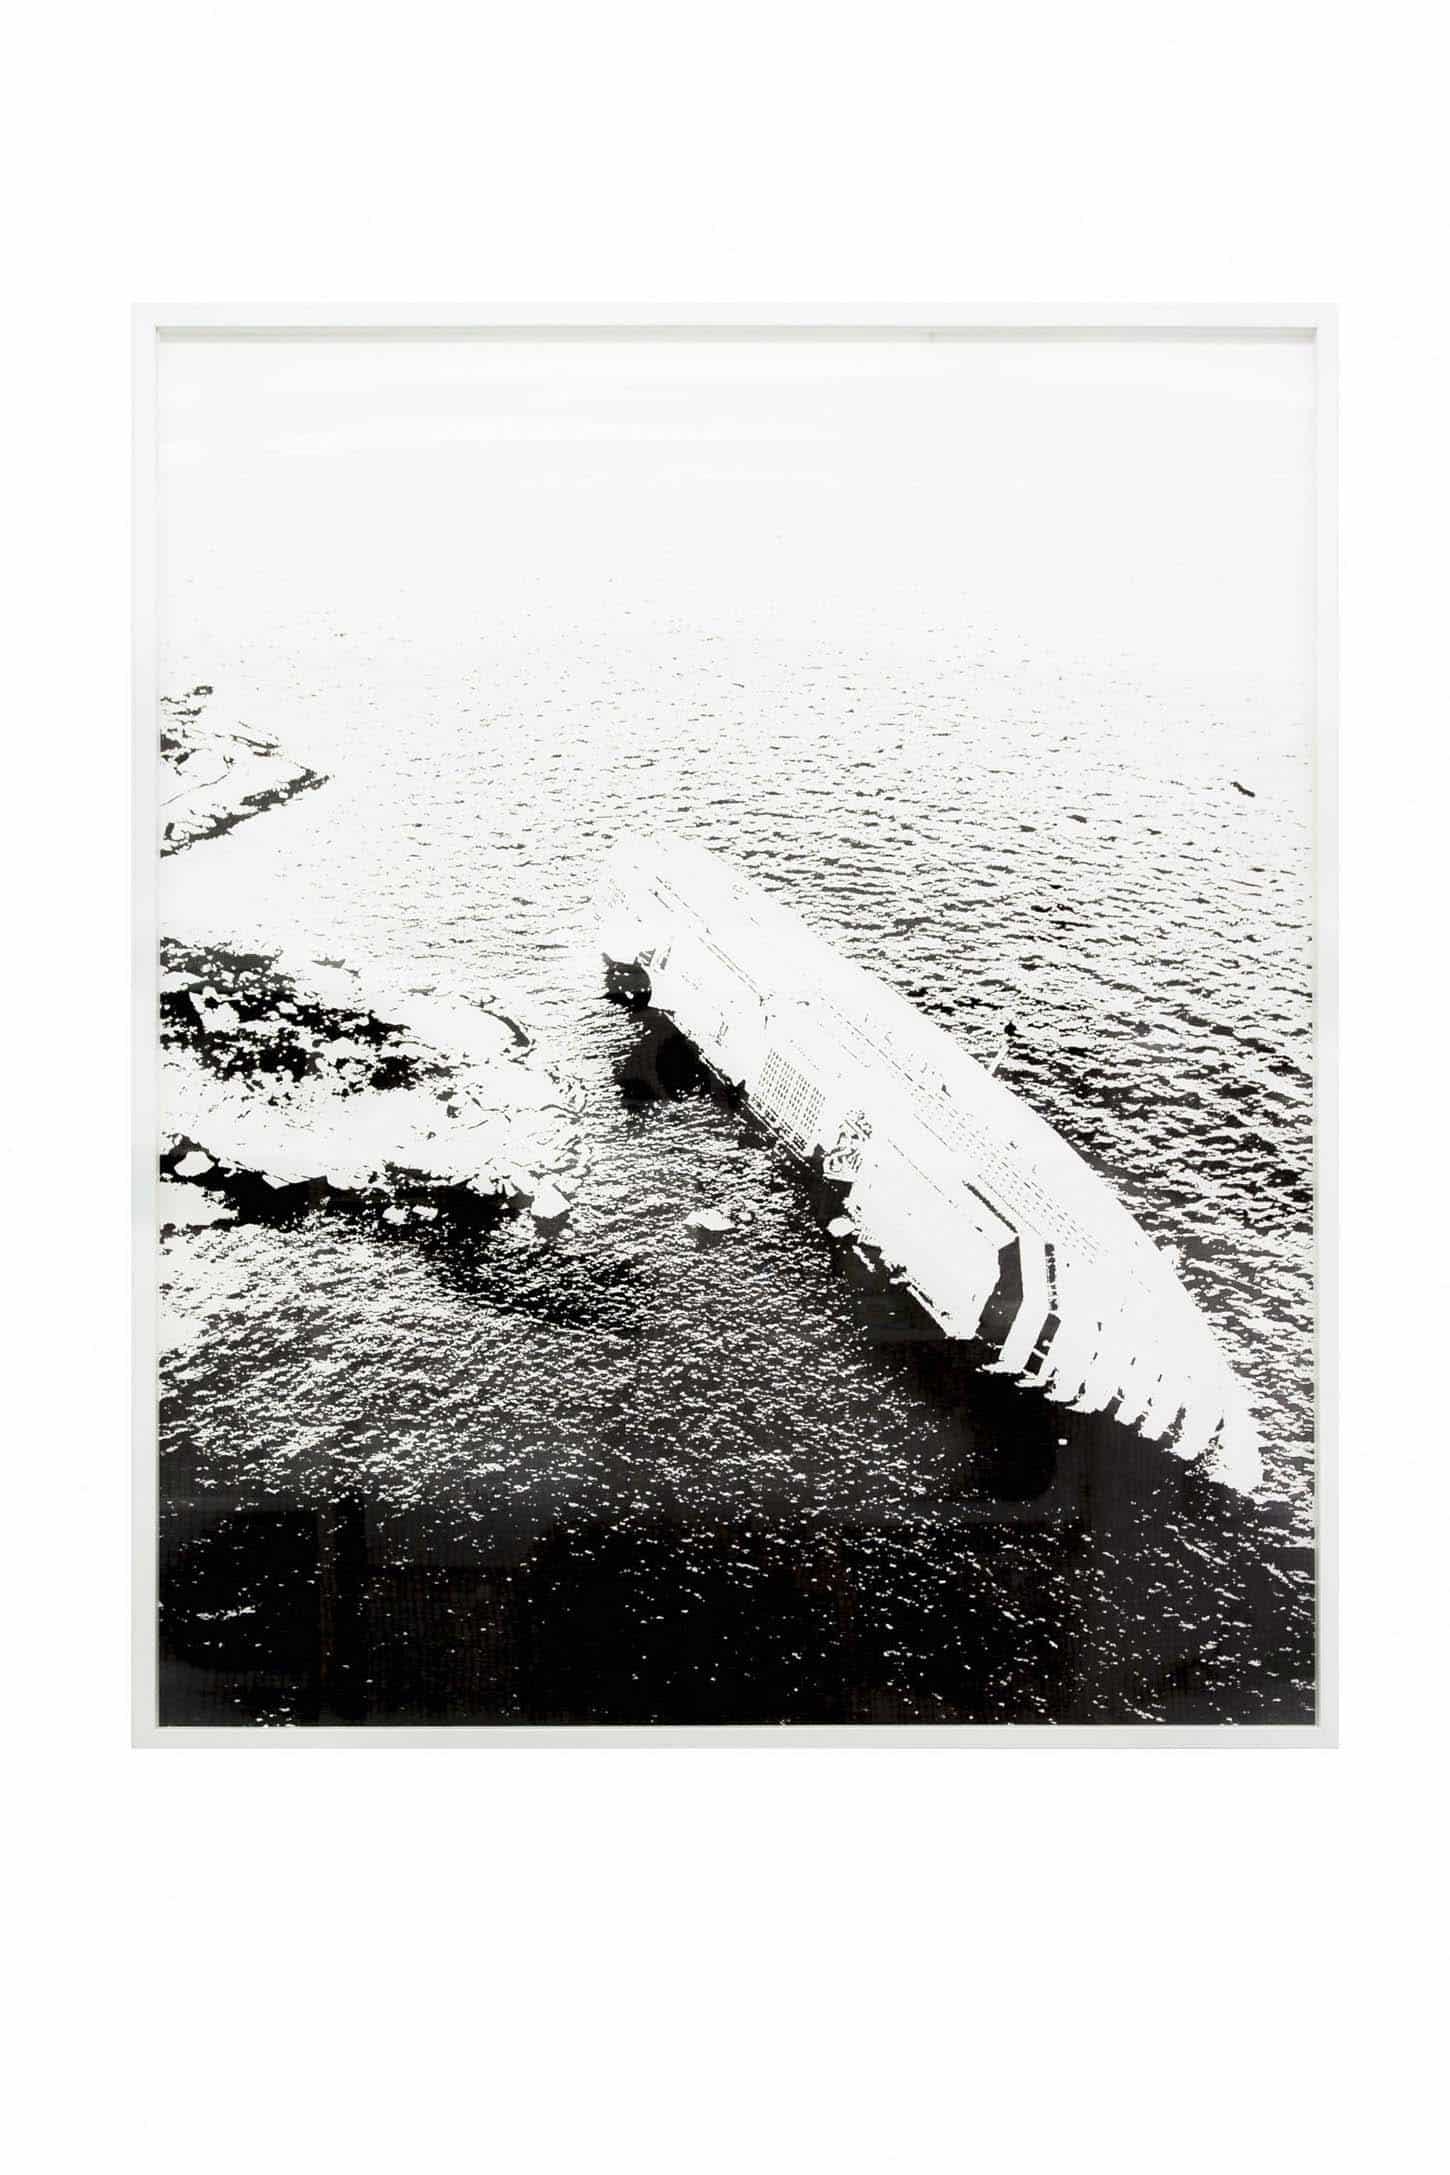 Emmanuel Régent,L'Entre Monde, 28 janvier 2016, encre de Chine sur papier, 110 x 130 cm